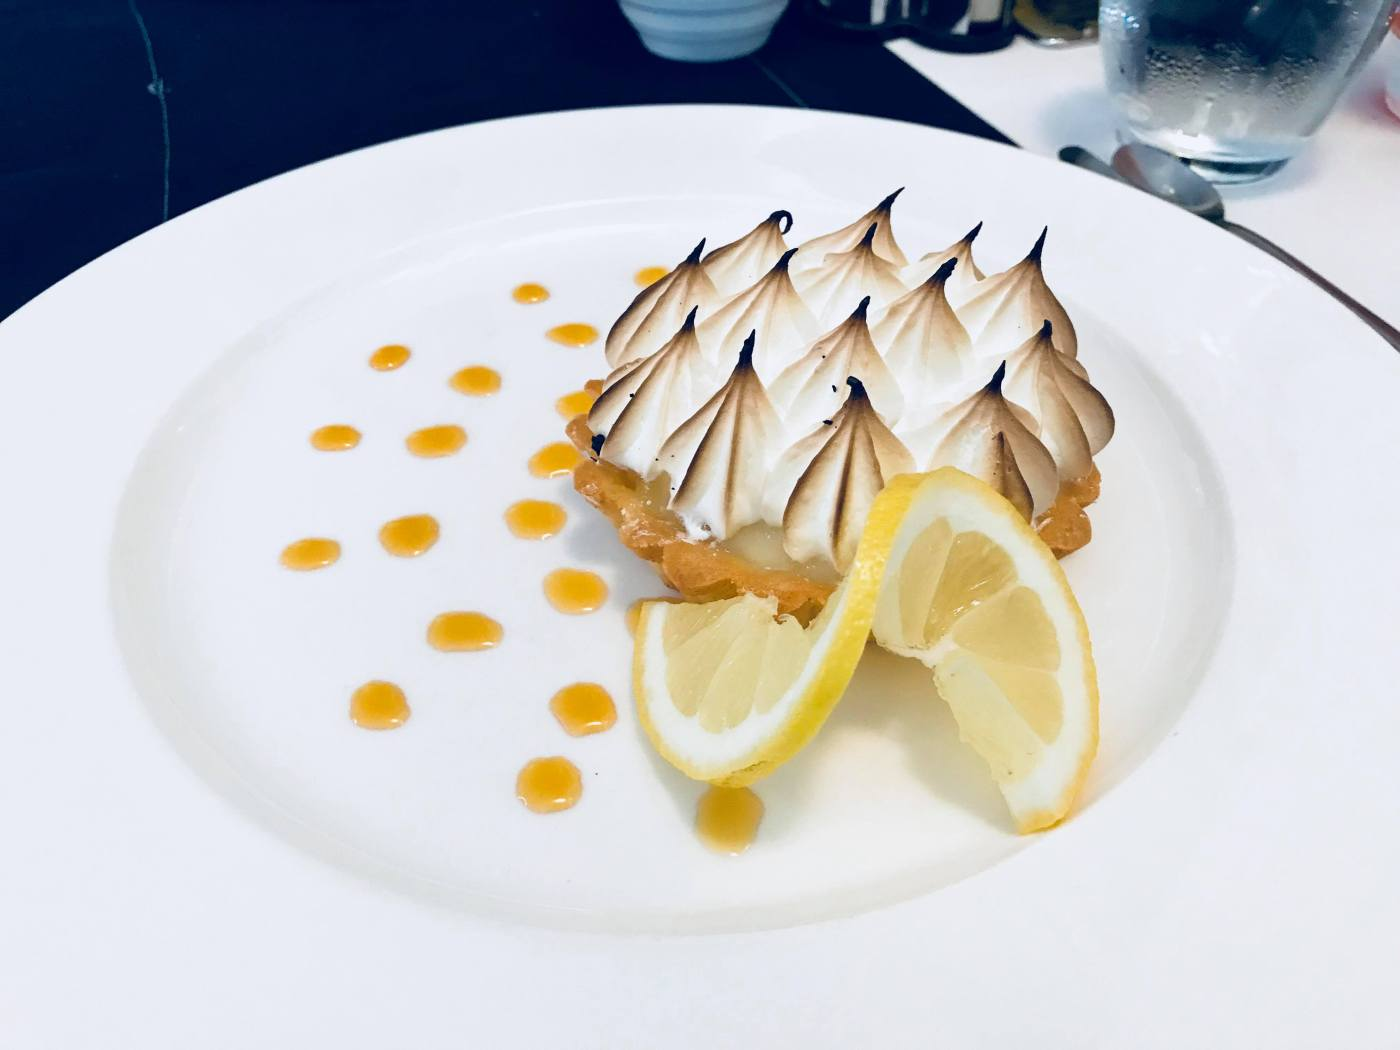 Burger spécial et tarte au citron meringuée au Grand Large, serial foodie, critique culinaire, critique restaurant, Abidjan, cote d'ivoire, tripadvisor, petit futé